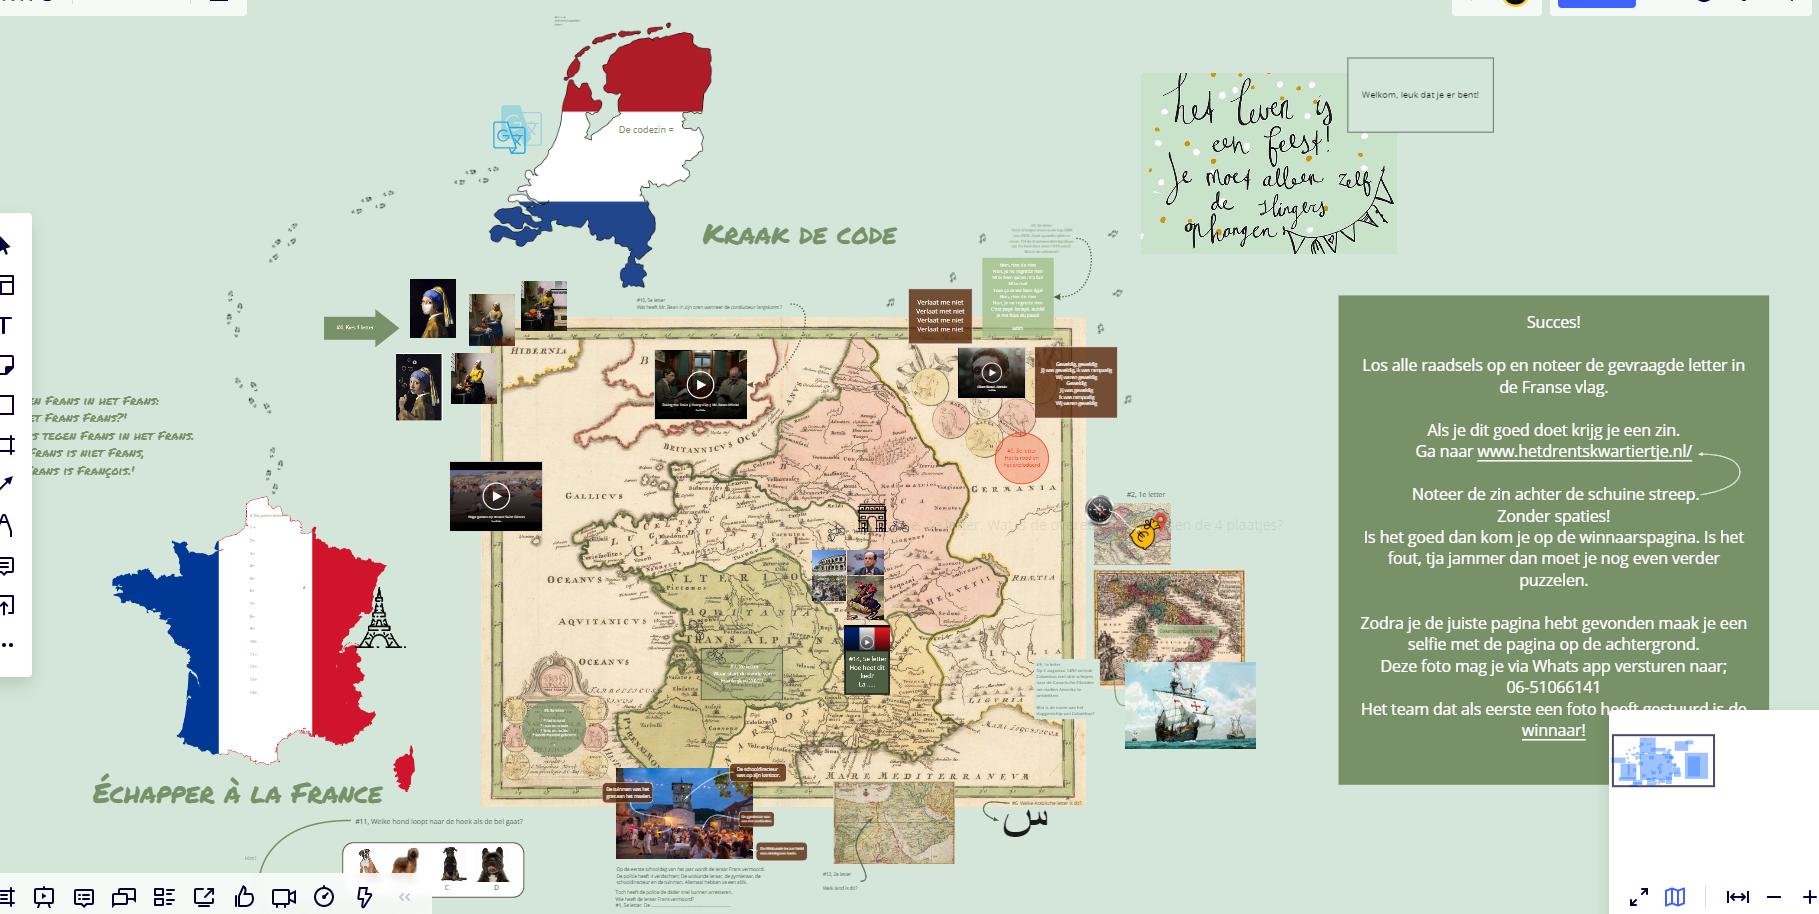 bord kraak de code - Het Drents Kwartiertje - Solex Huren / Rijden - Dafje Huren / Rijden - Groepsactiviteiten, workshops, teambuilding en trainingen Drenthe